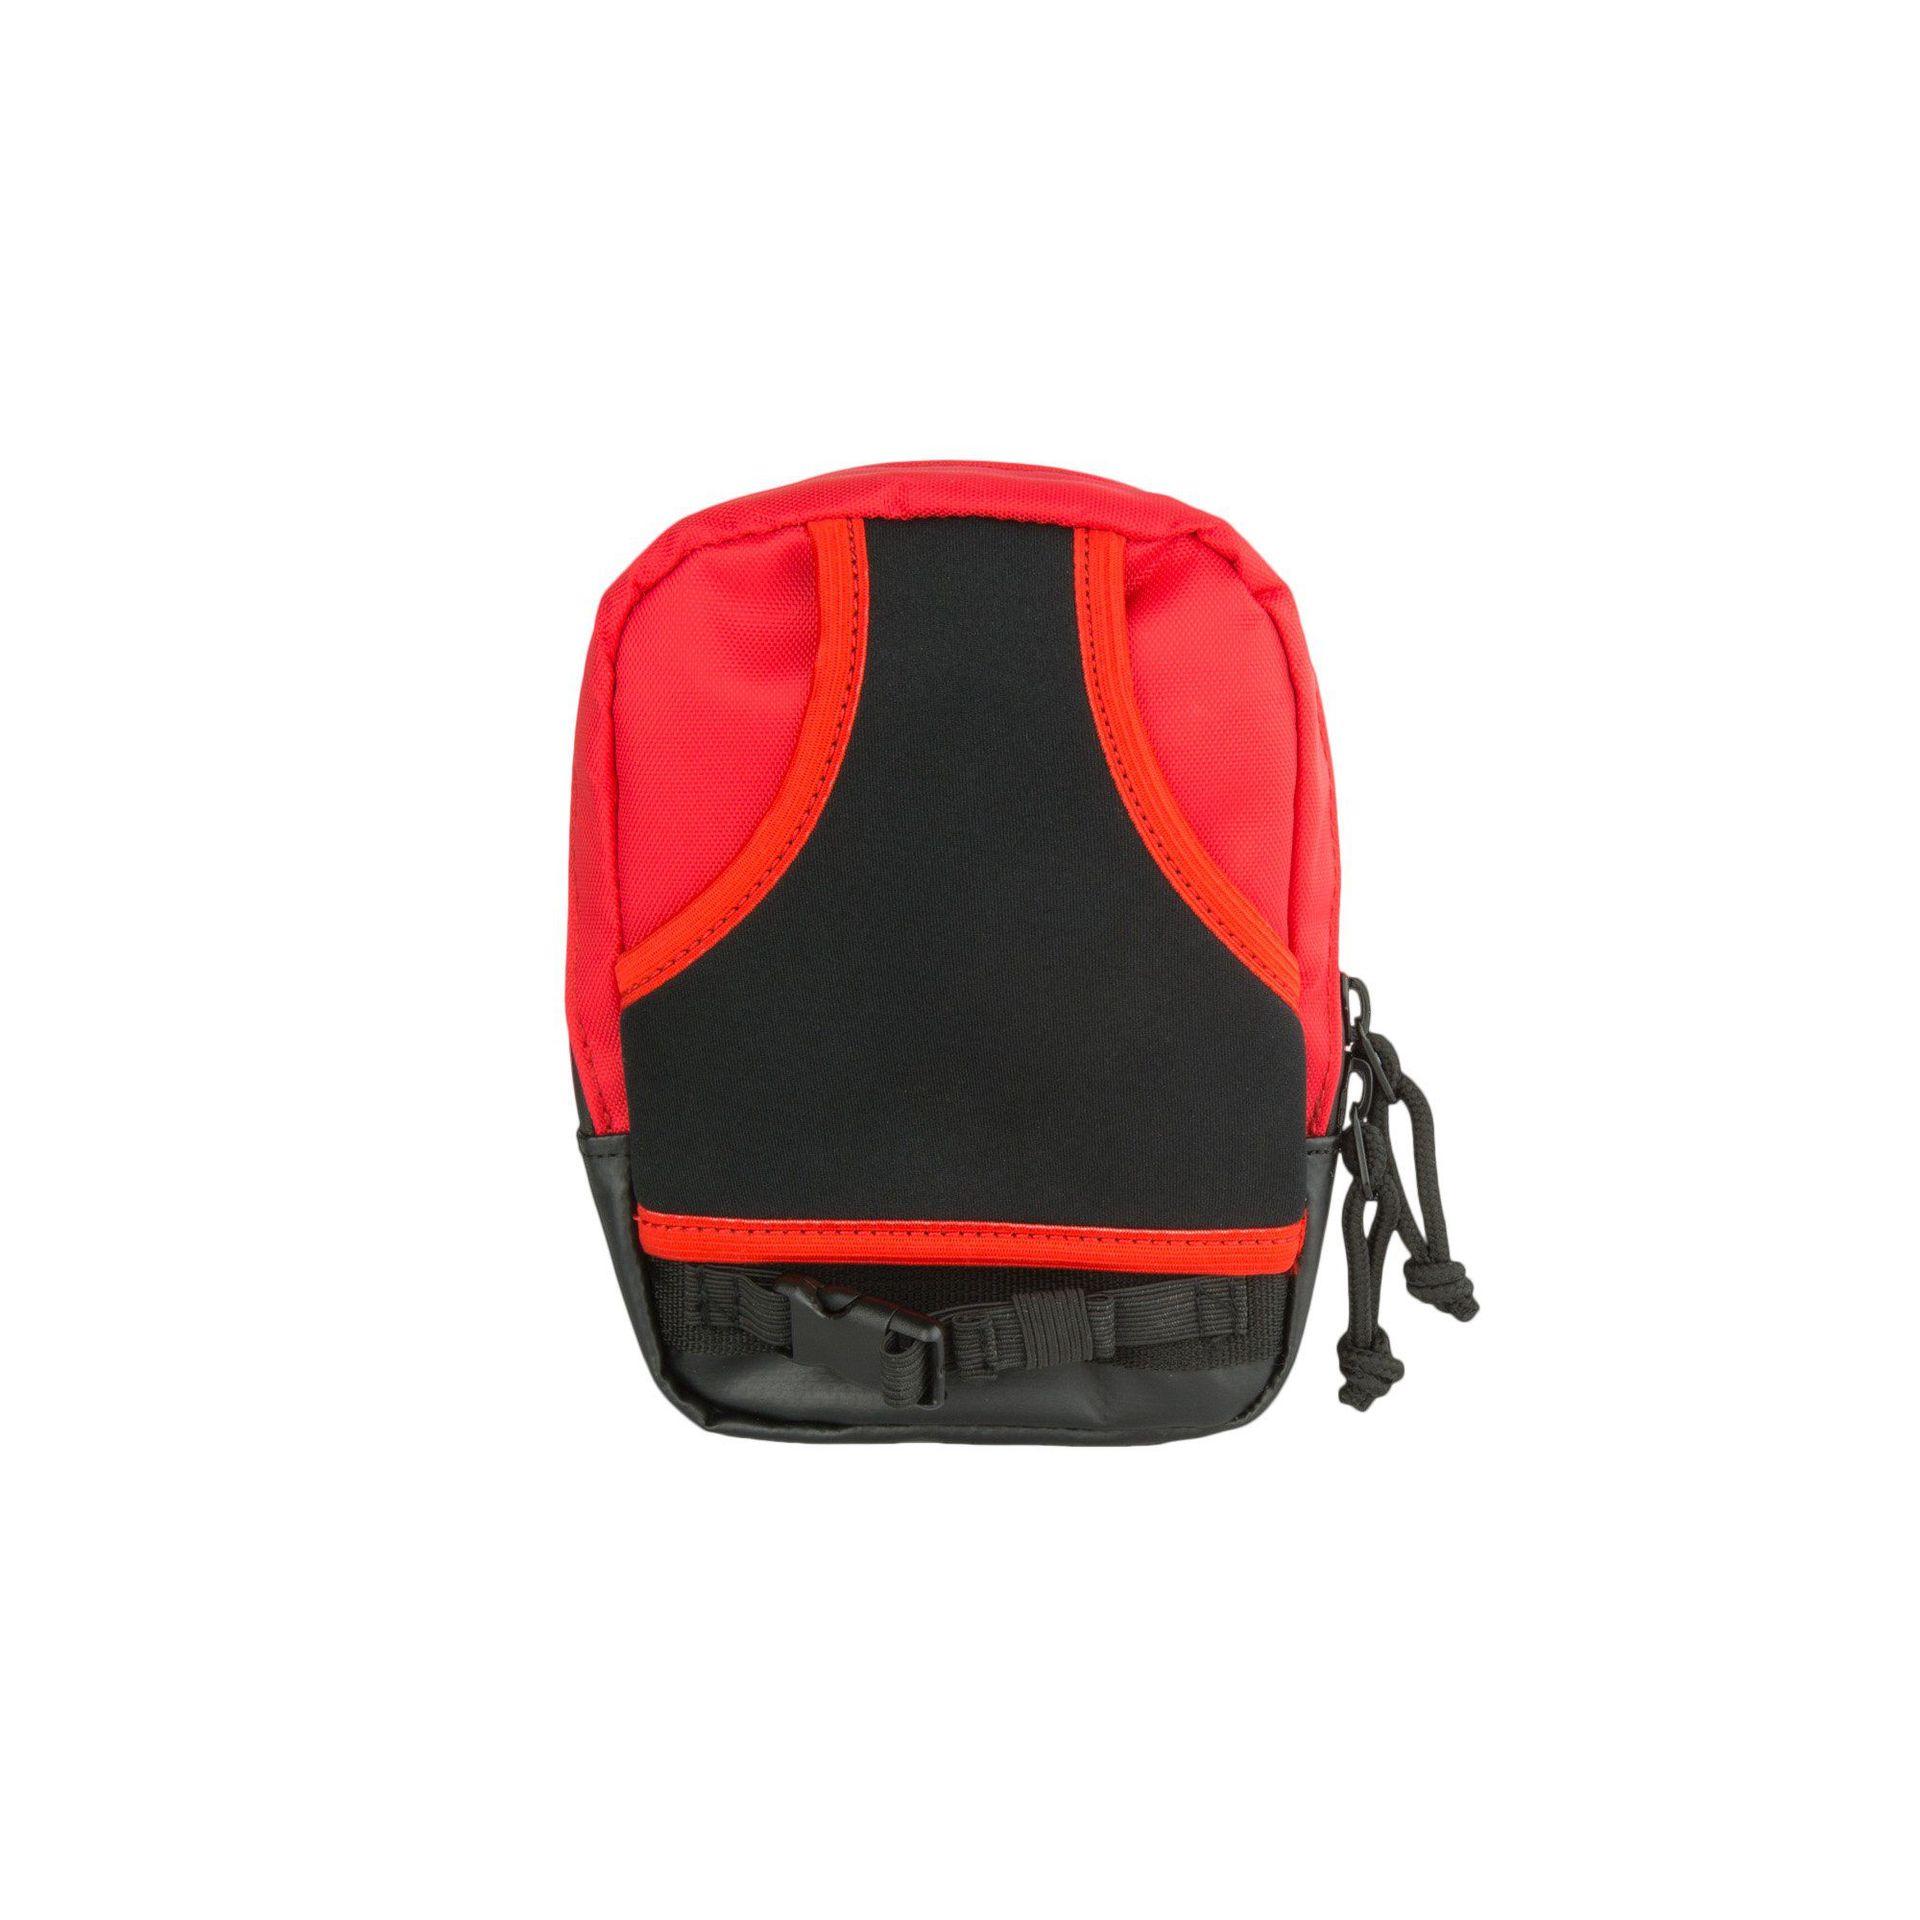 PLECACZEK DO WIĄZAŃ CRAB GRAB BINDING BAG RED 2